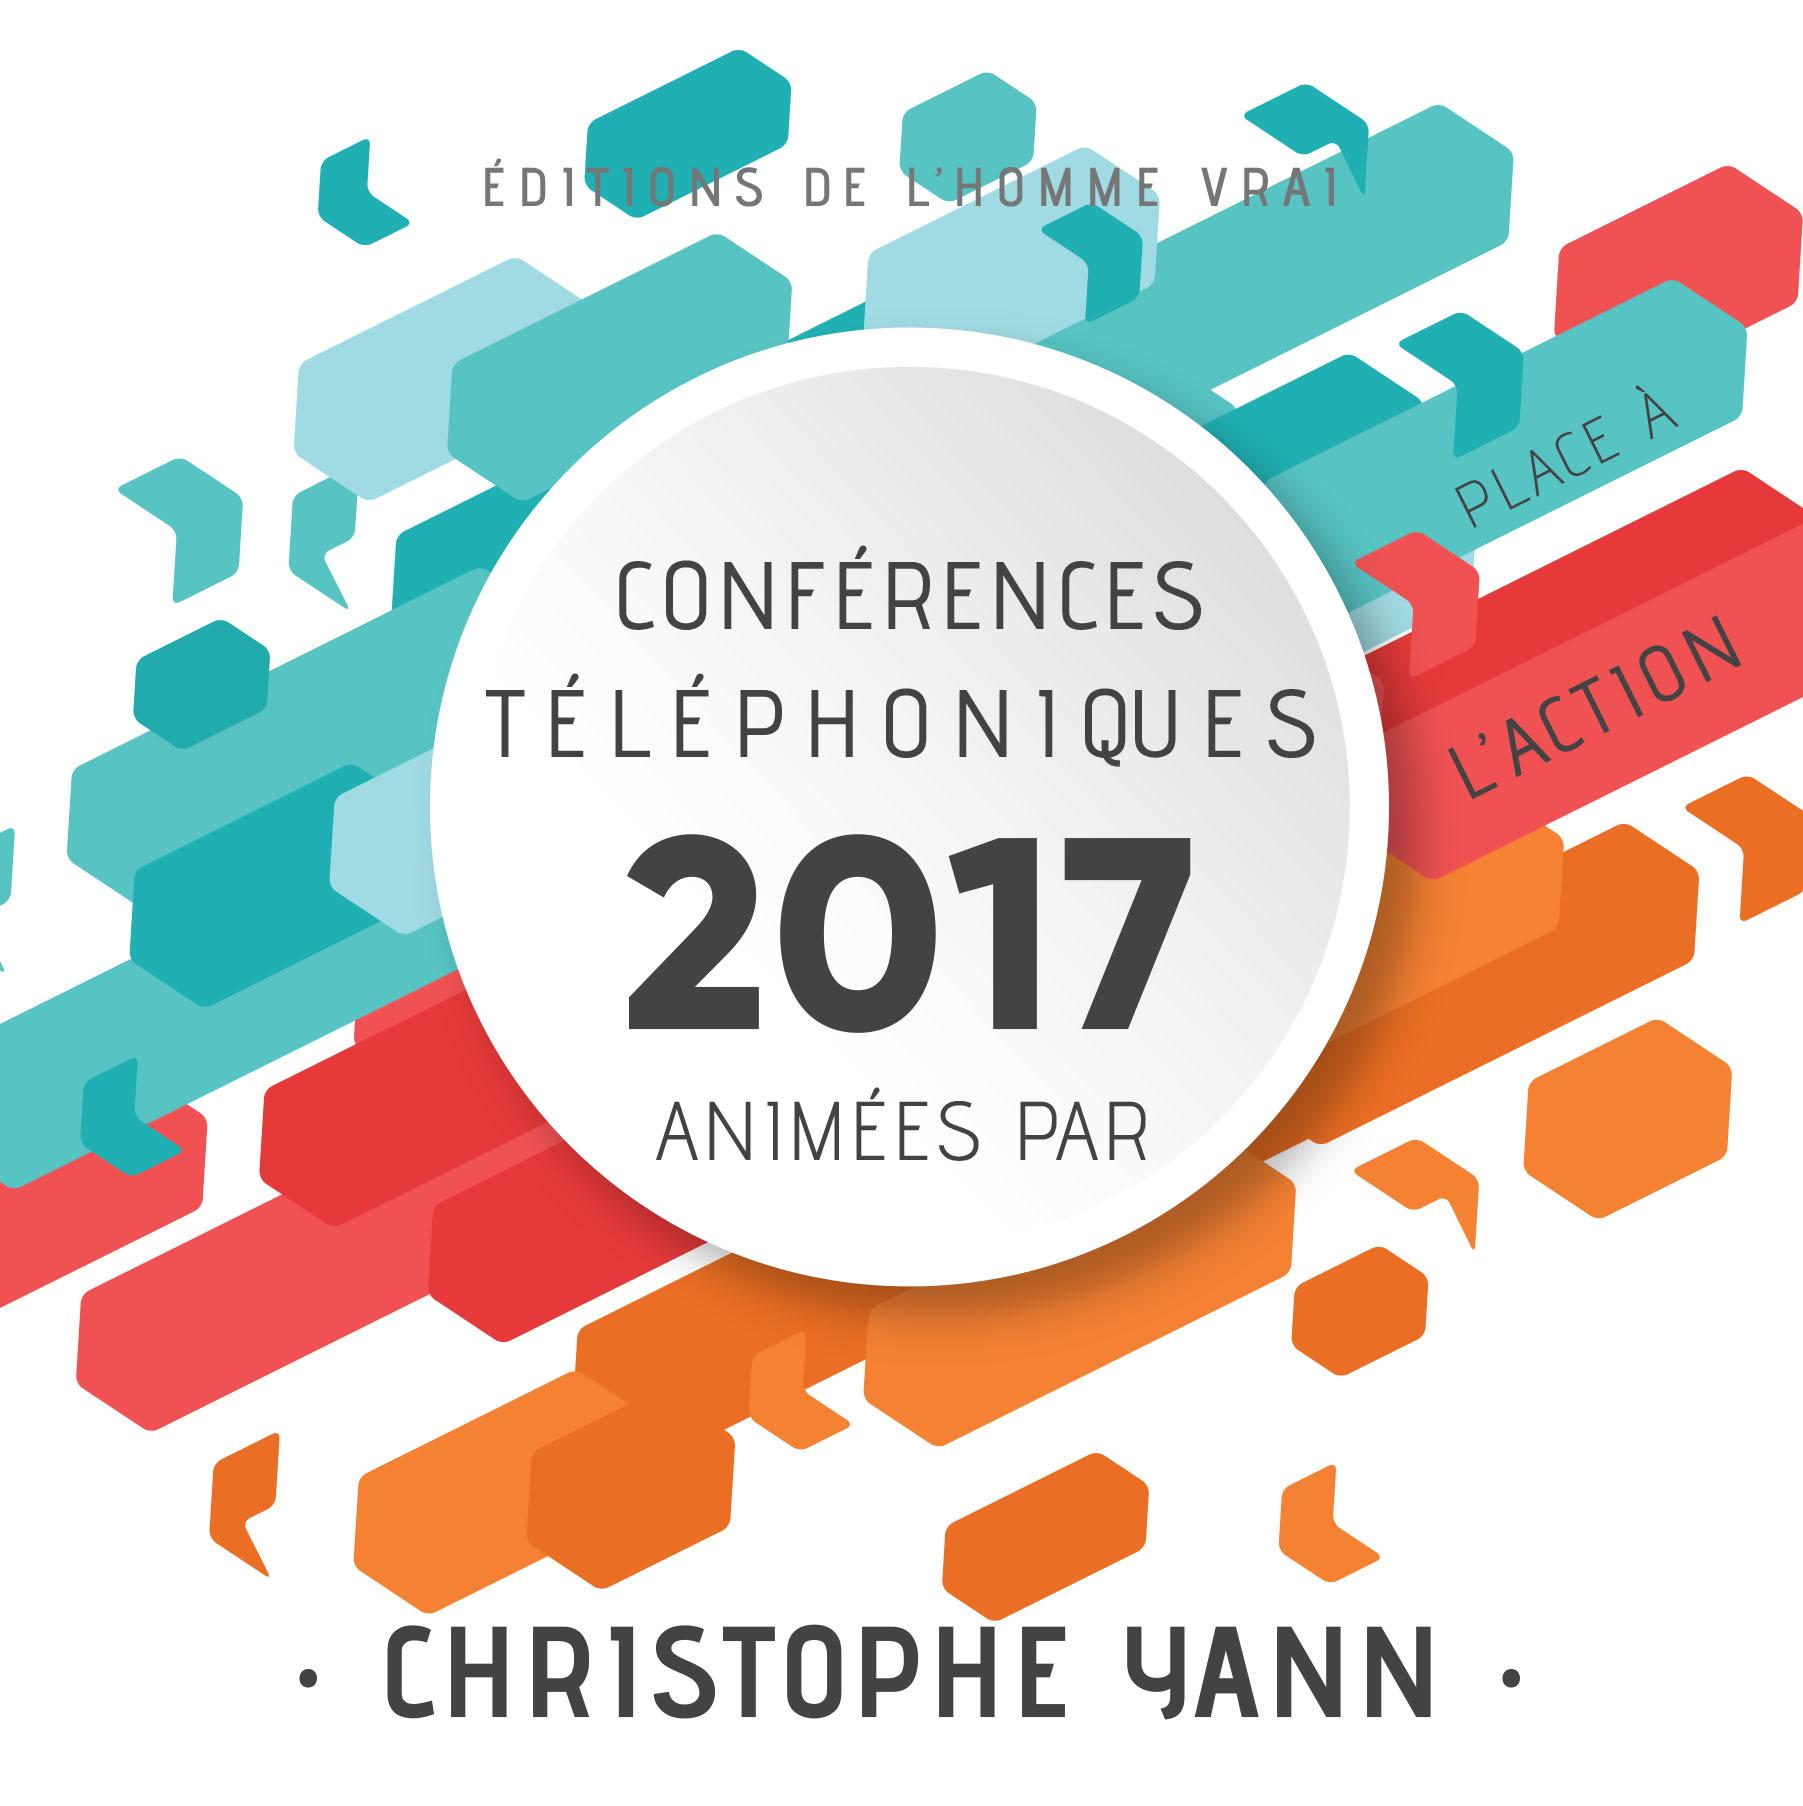 Conférences téléphoniques 2017 Place à l'action